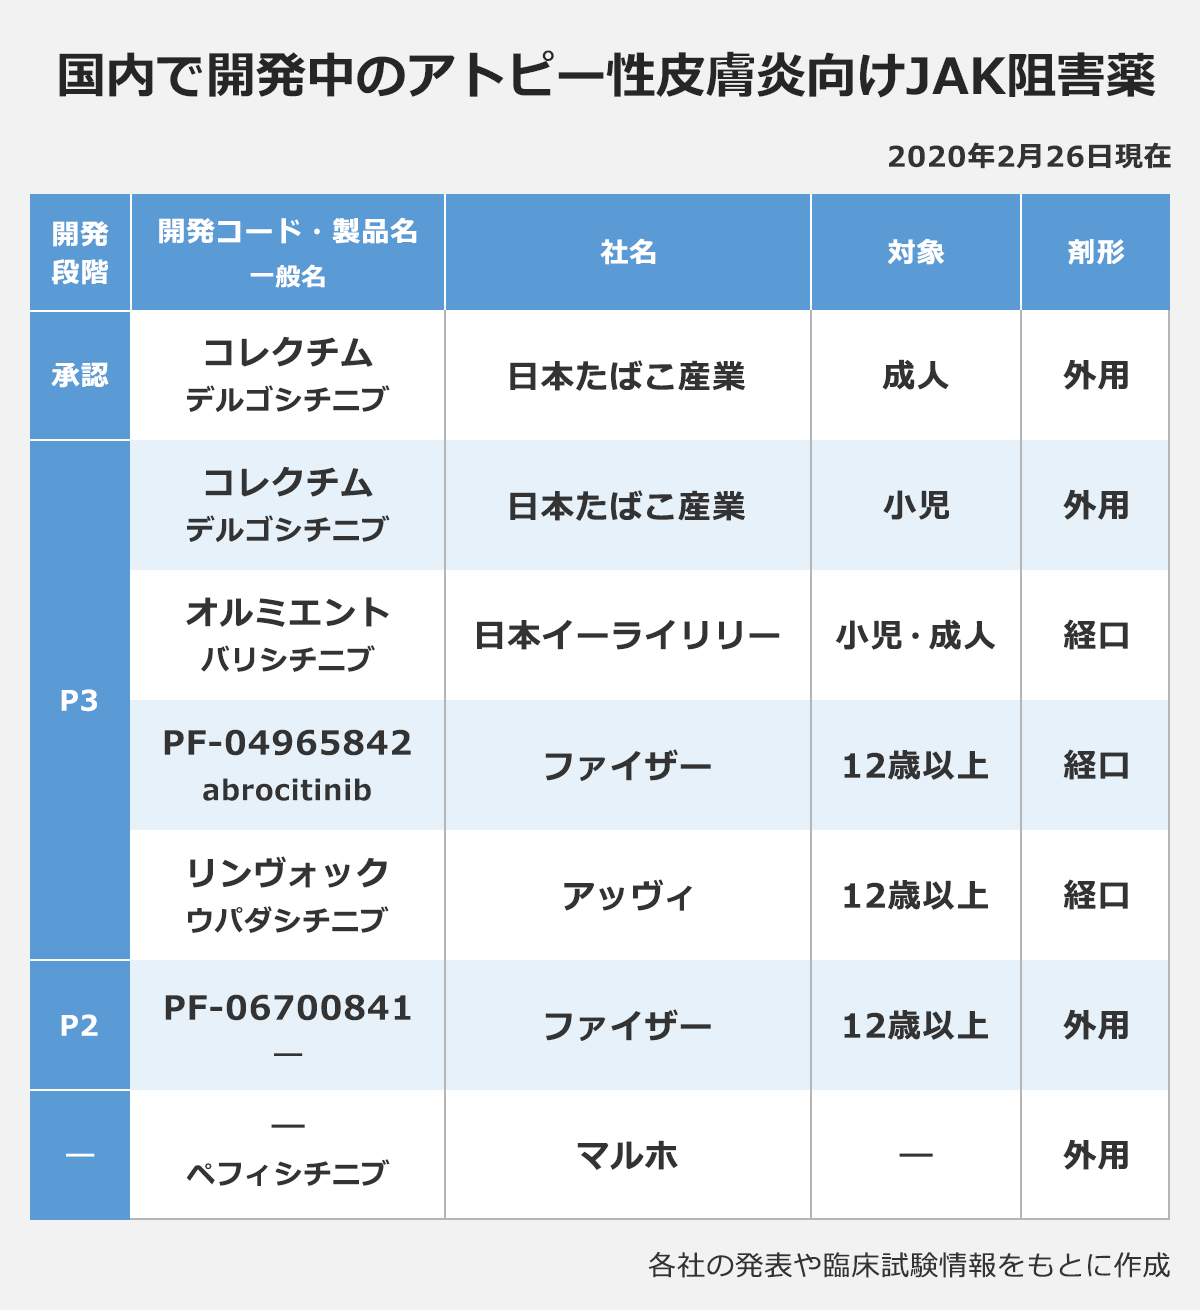 【国内で開発中のアトピー性皮膚炎向けJAK阻害薬】※2020年2月26日現在(開発段階/開発コード・製品名(一般名)/社名/対象/剤形): 「承認」コレクチム(デルゴシチニブ)/日本たばこ産業/成人/外用 |「P3」コレクチム(デルゴシチニブ)/日本たばこ産業/小児/外用 オルミエント(バリシチニブ)/日本イーライリリー/小児・成人/経口 |PF-04965842(abrocitinib)/ファイザー/12歳以上/経口 |リンヴォック(ウパダシチニブ)/アッヴィ/12歳以上/経口 |「P2」PF-06700841(―)/ファイザー/12歳以上/外用 |「―」―(ペフィシチニブ)/マルホ/―/外用 |※各社の発表や臨床試験情報をもとに作成